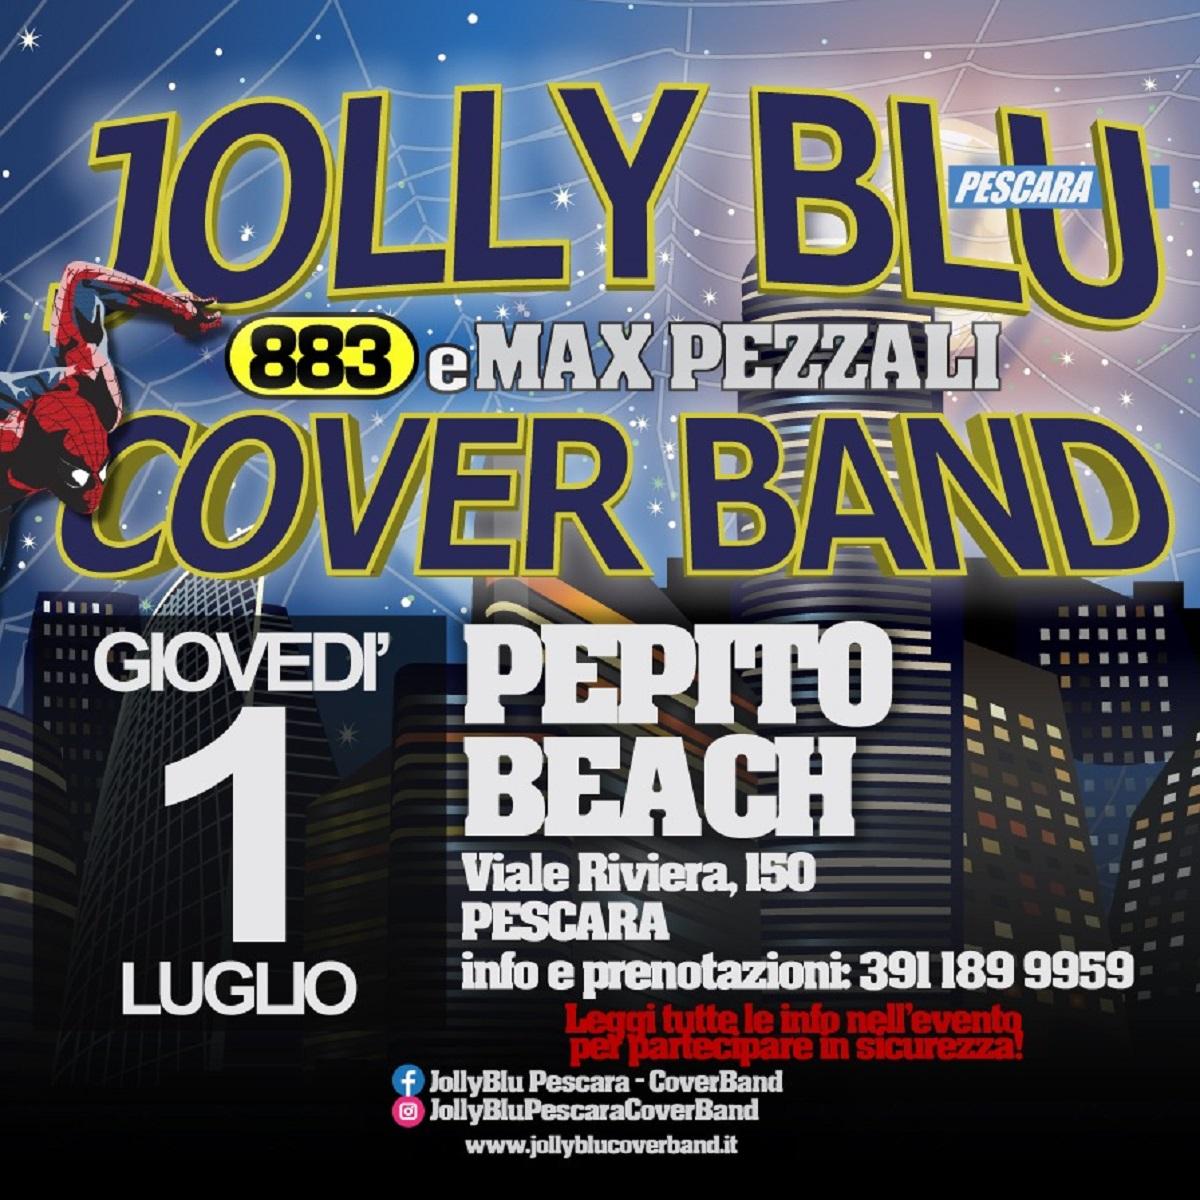 Jolly Blu - 883 e Max Pezzali cover band 1 luglio 2021 foto